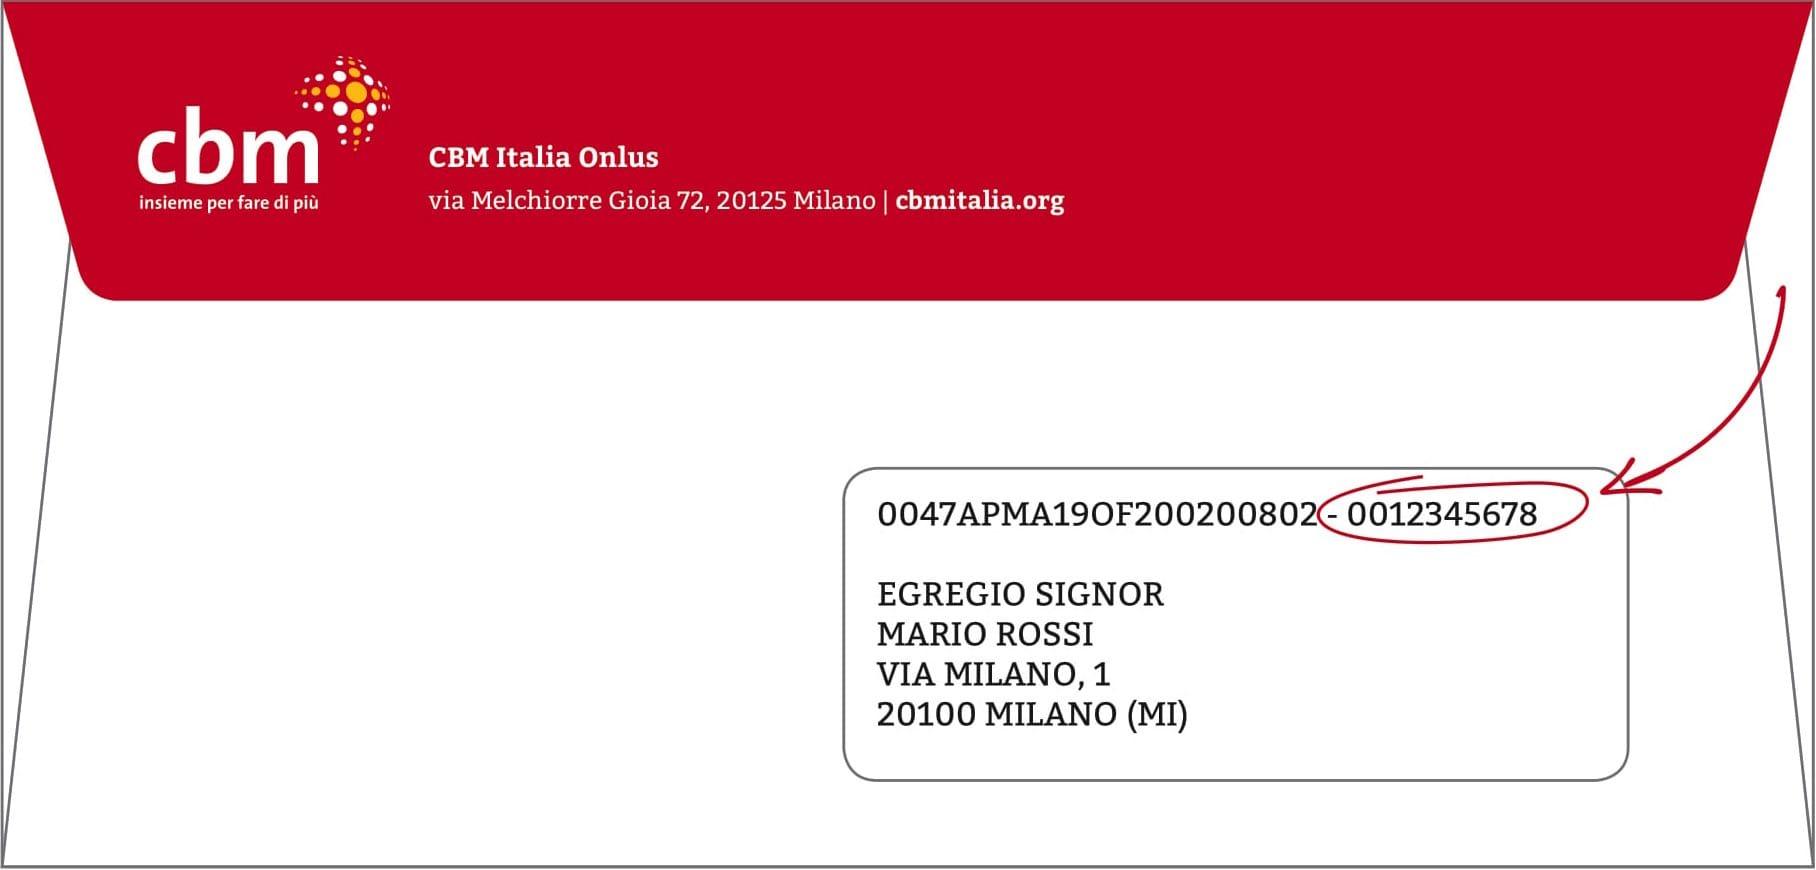 """Puoi trovare il tuo """"codice sostenitore"""" su tutte le comunicazioni che vengono inviate via posta da CBM Italia Onlus."""